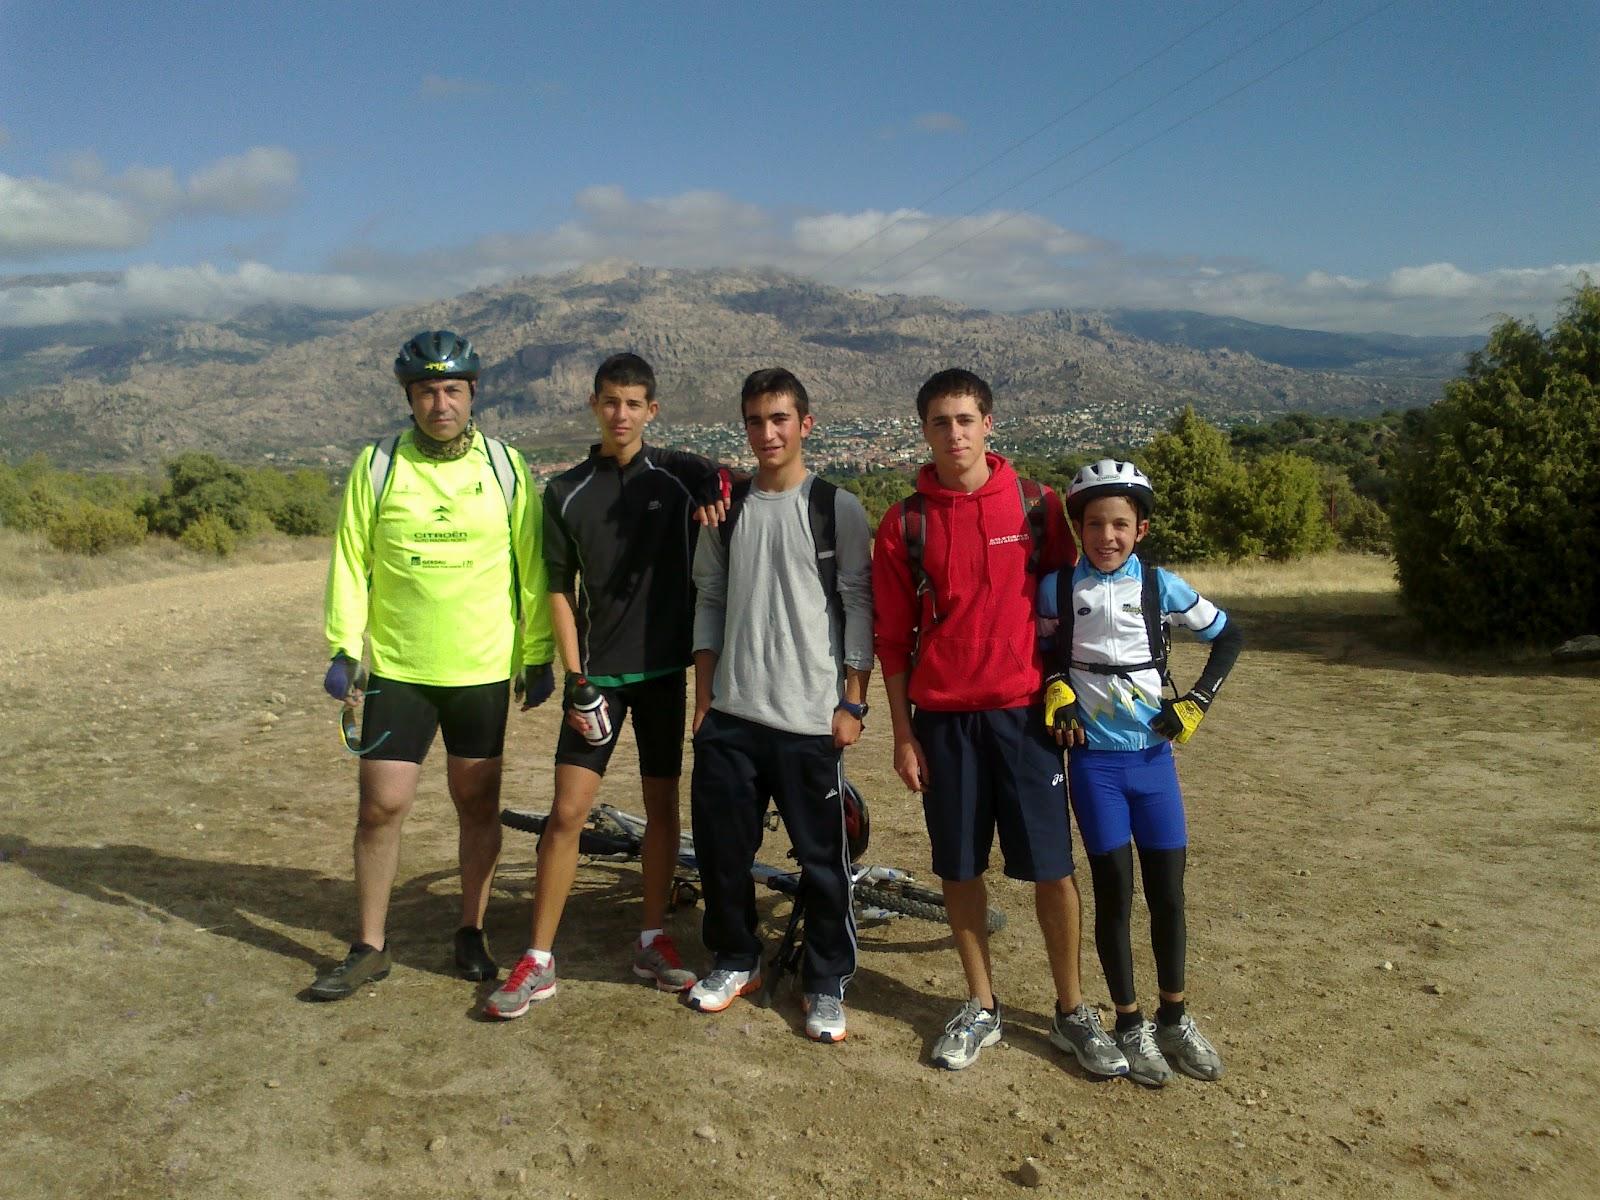 El sitio de montse la primera salida en bici - Polideportivo manzanares el real ...